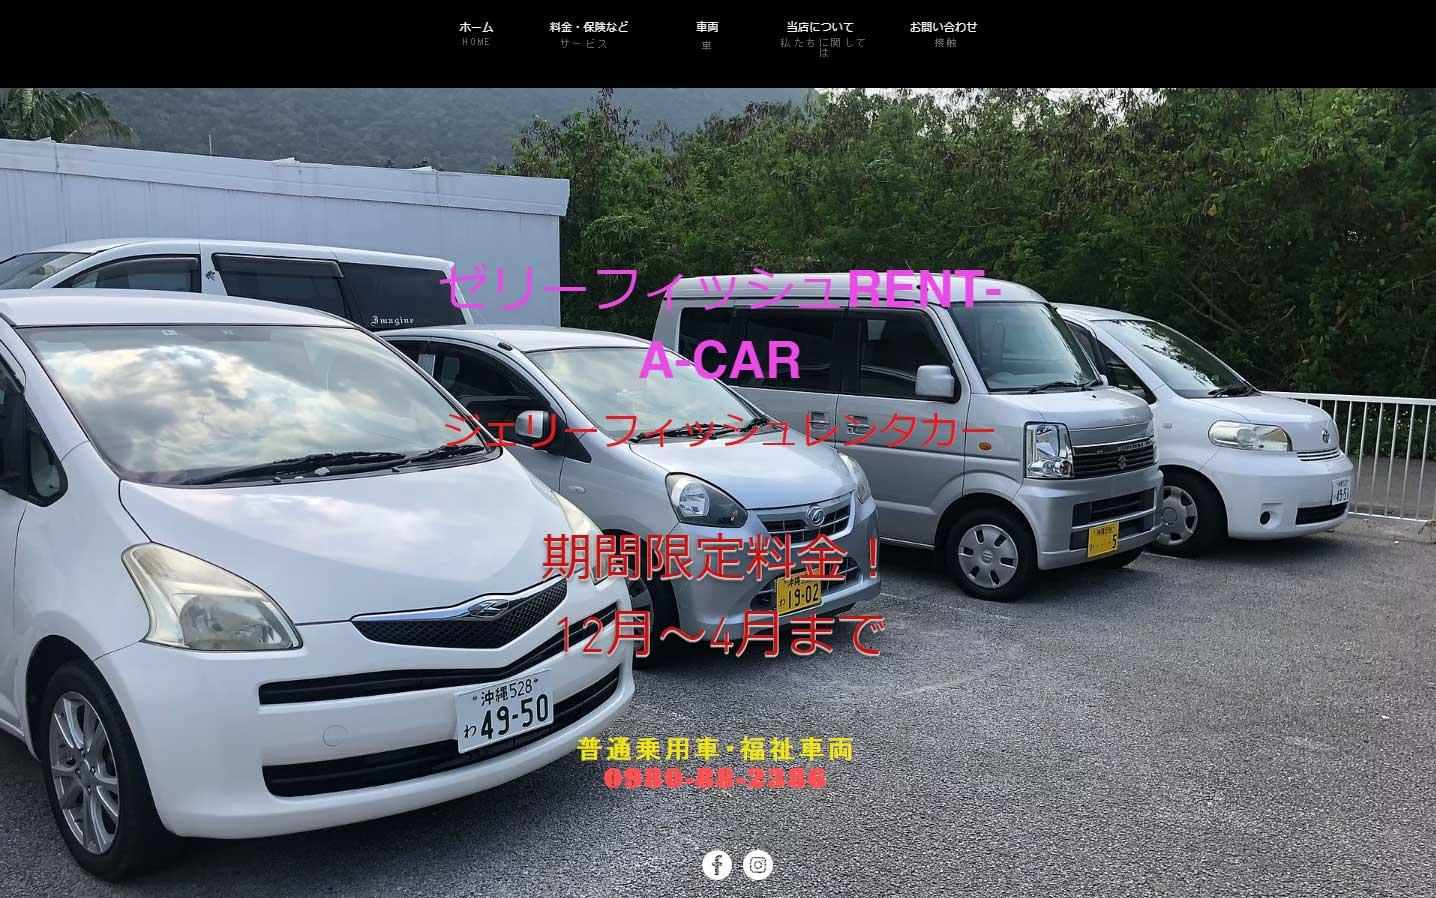 【車いすの旅】沖縄の石垣島に行こう!ジェリーフィッシュレンタカー01